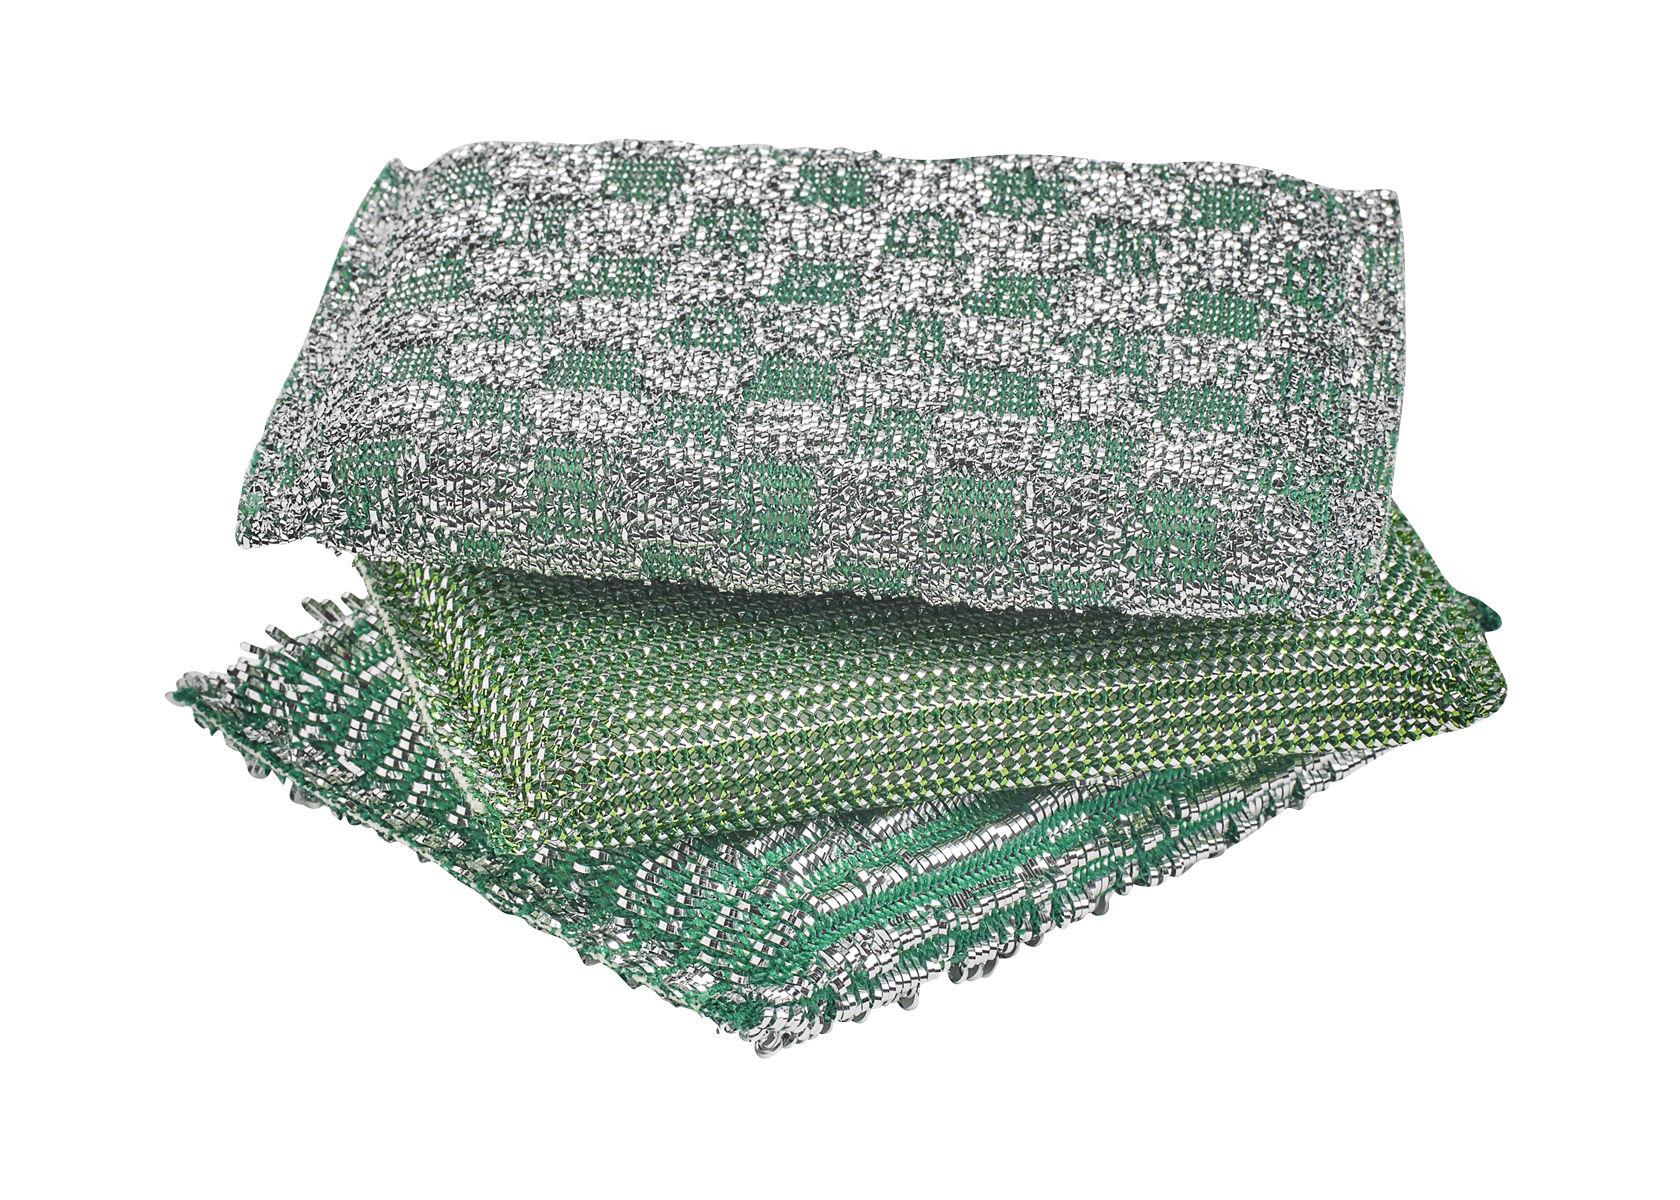 Accessoires - Accessoires salle de bains - Eponge à récurer Glitter / Set de 3 - Hay - Vert brillant - Mousse polyuréthane